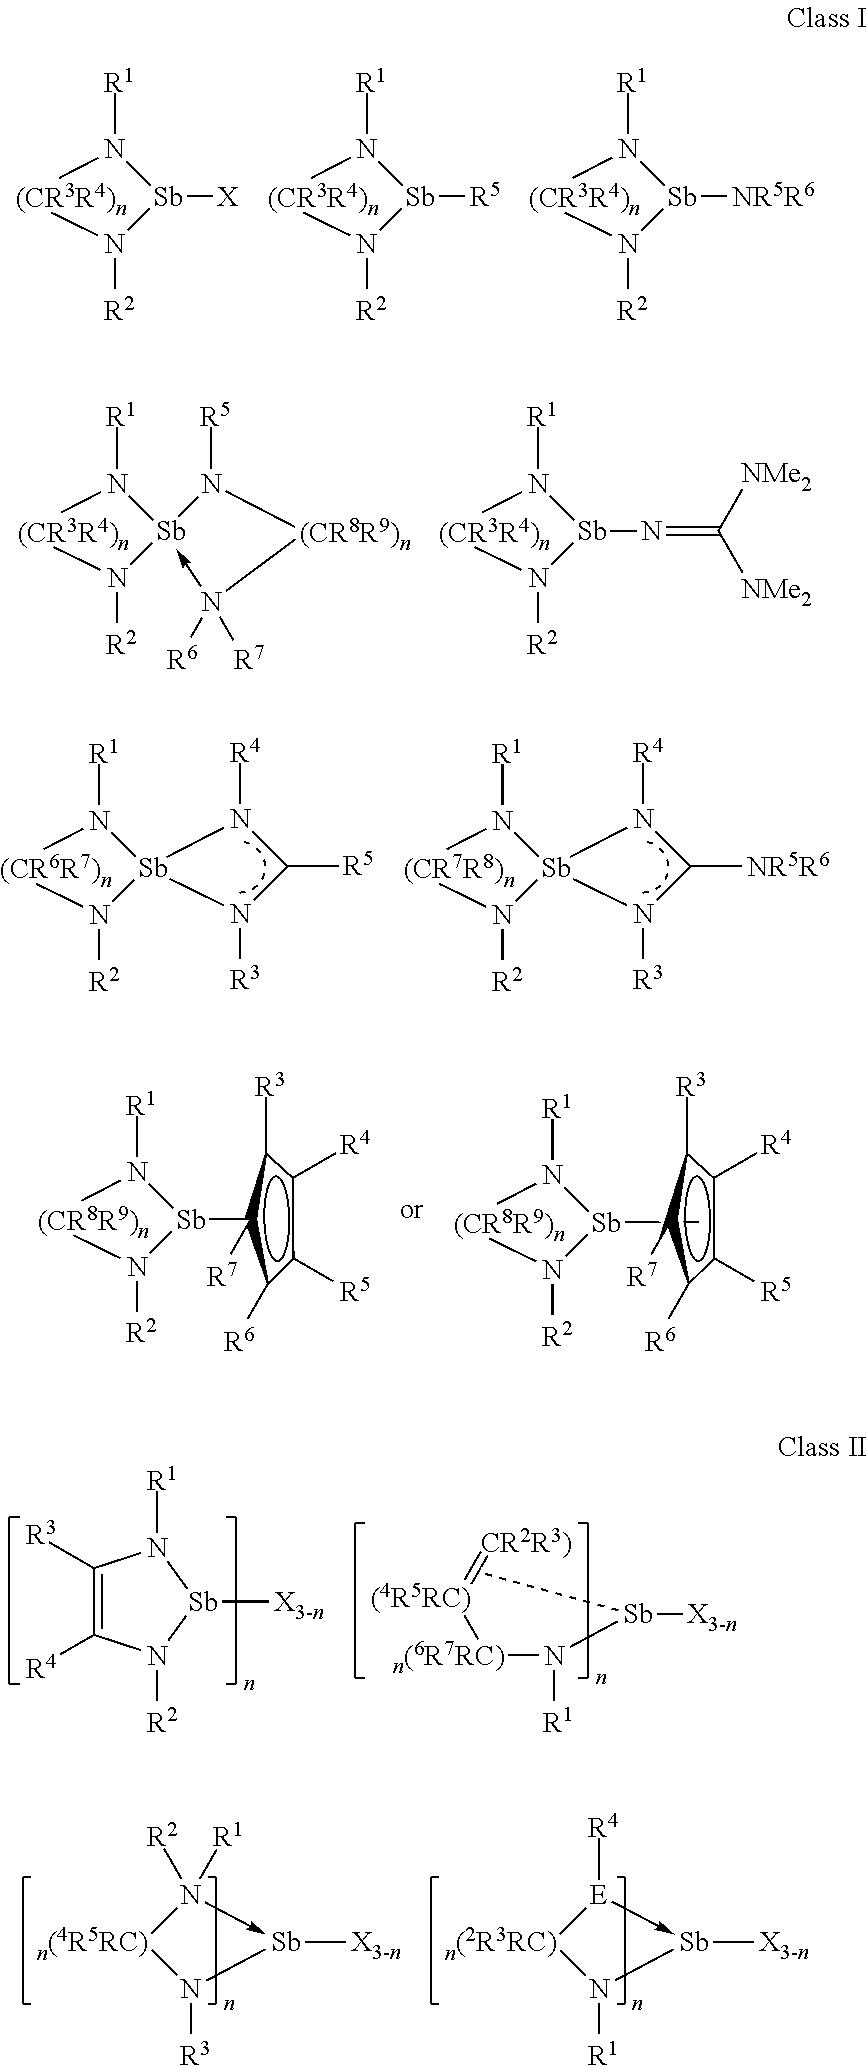 Figure US20110111556A1-20110512-C00001